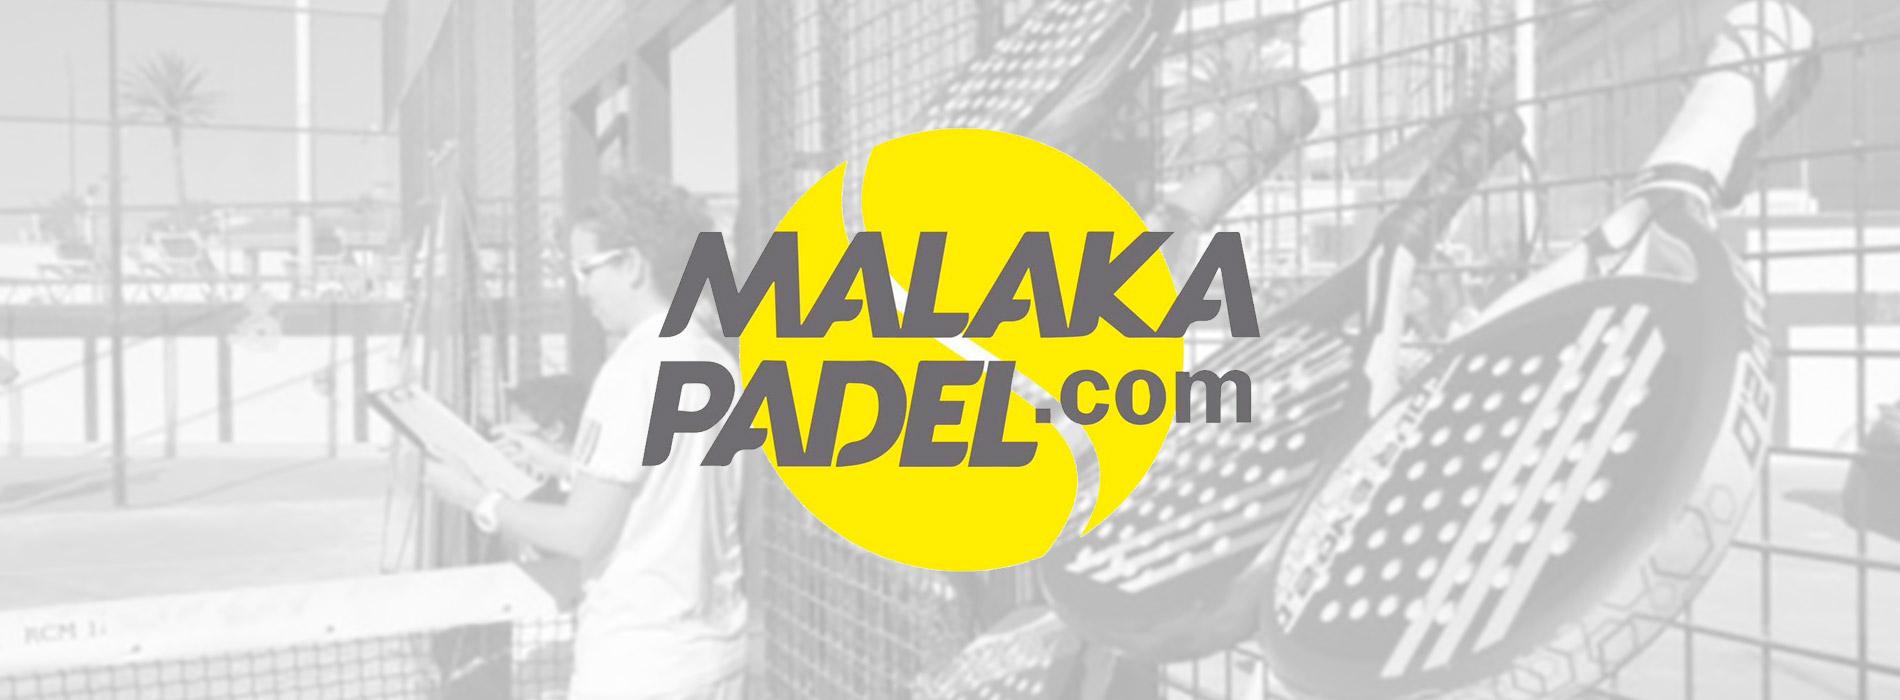 malakapadel.com